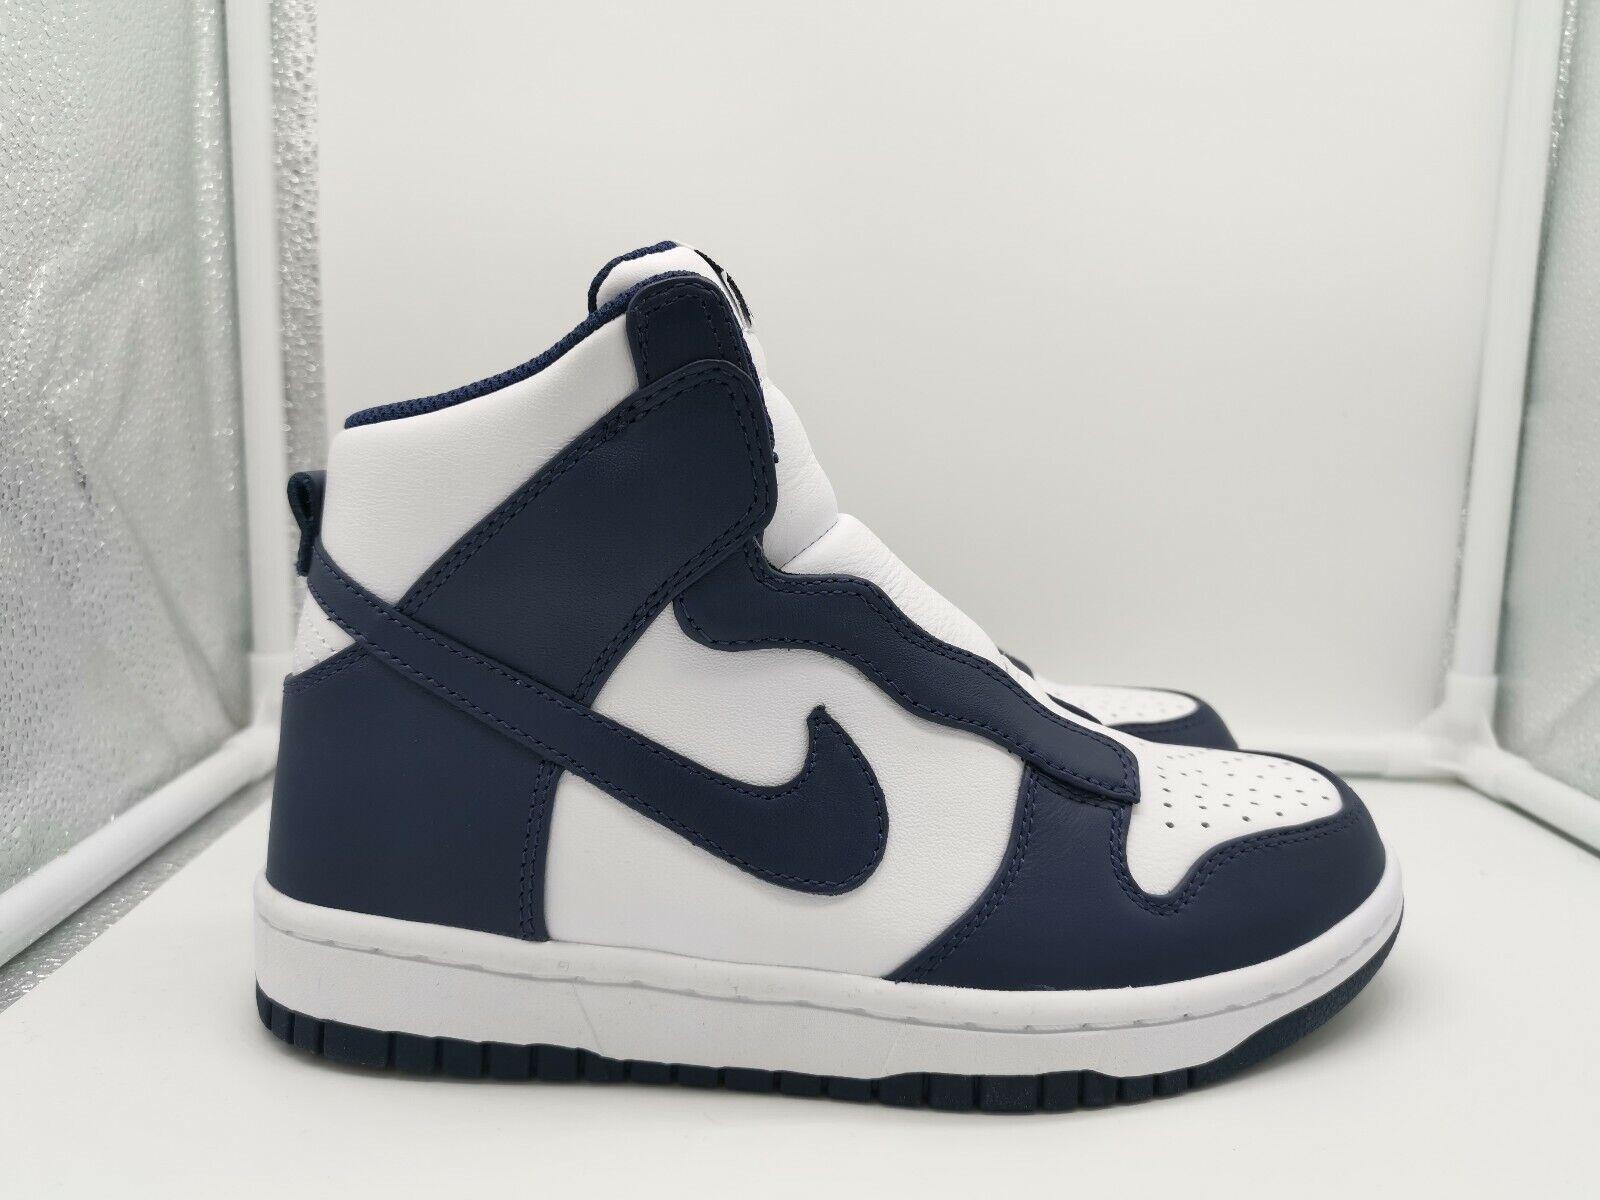 Nike damen Dunk Lux   Sacai UK 3.5 Midnight Navy Blau Weiß 776446-441